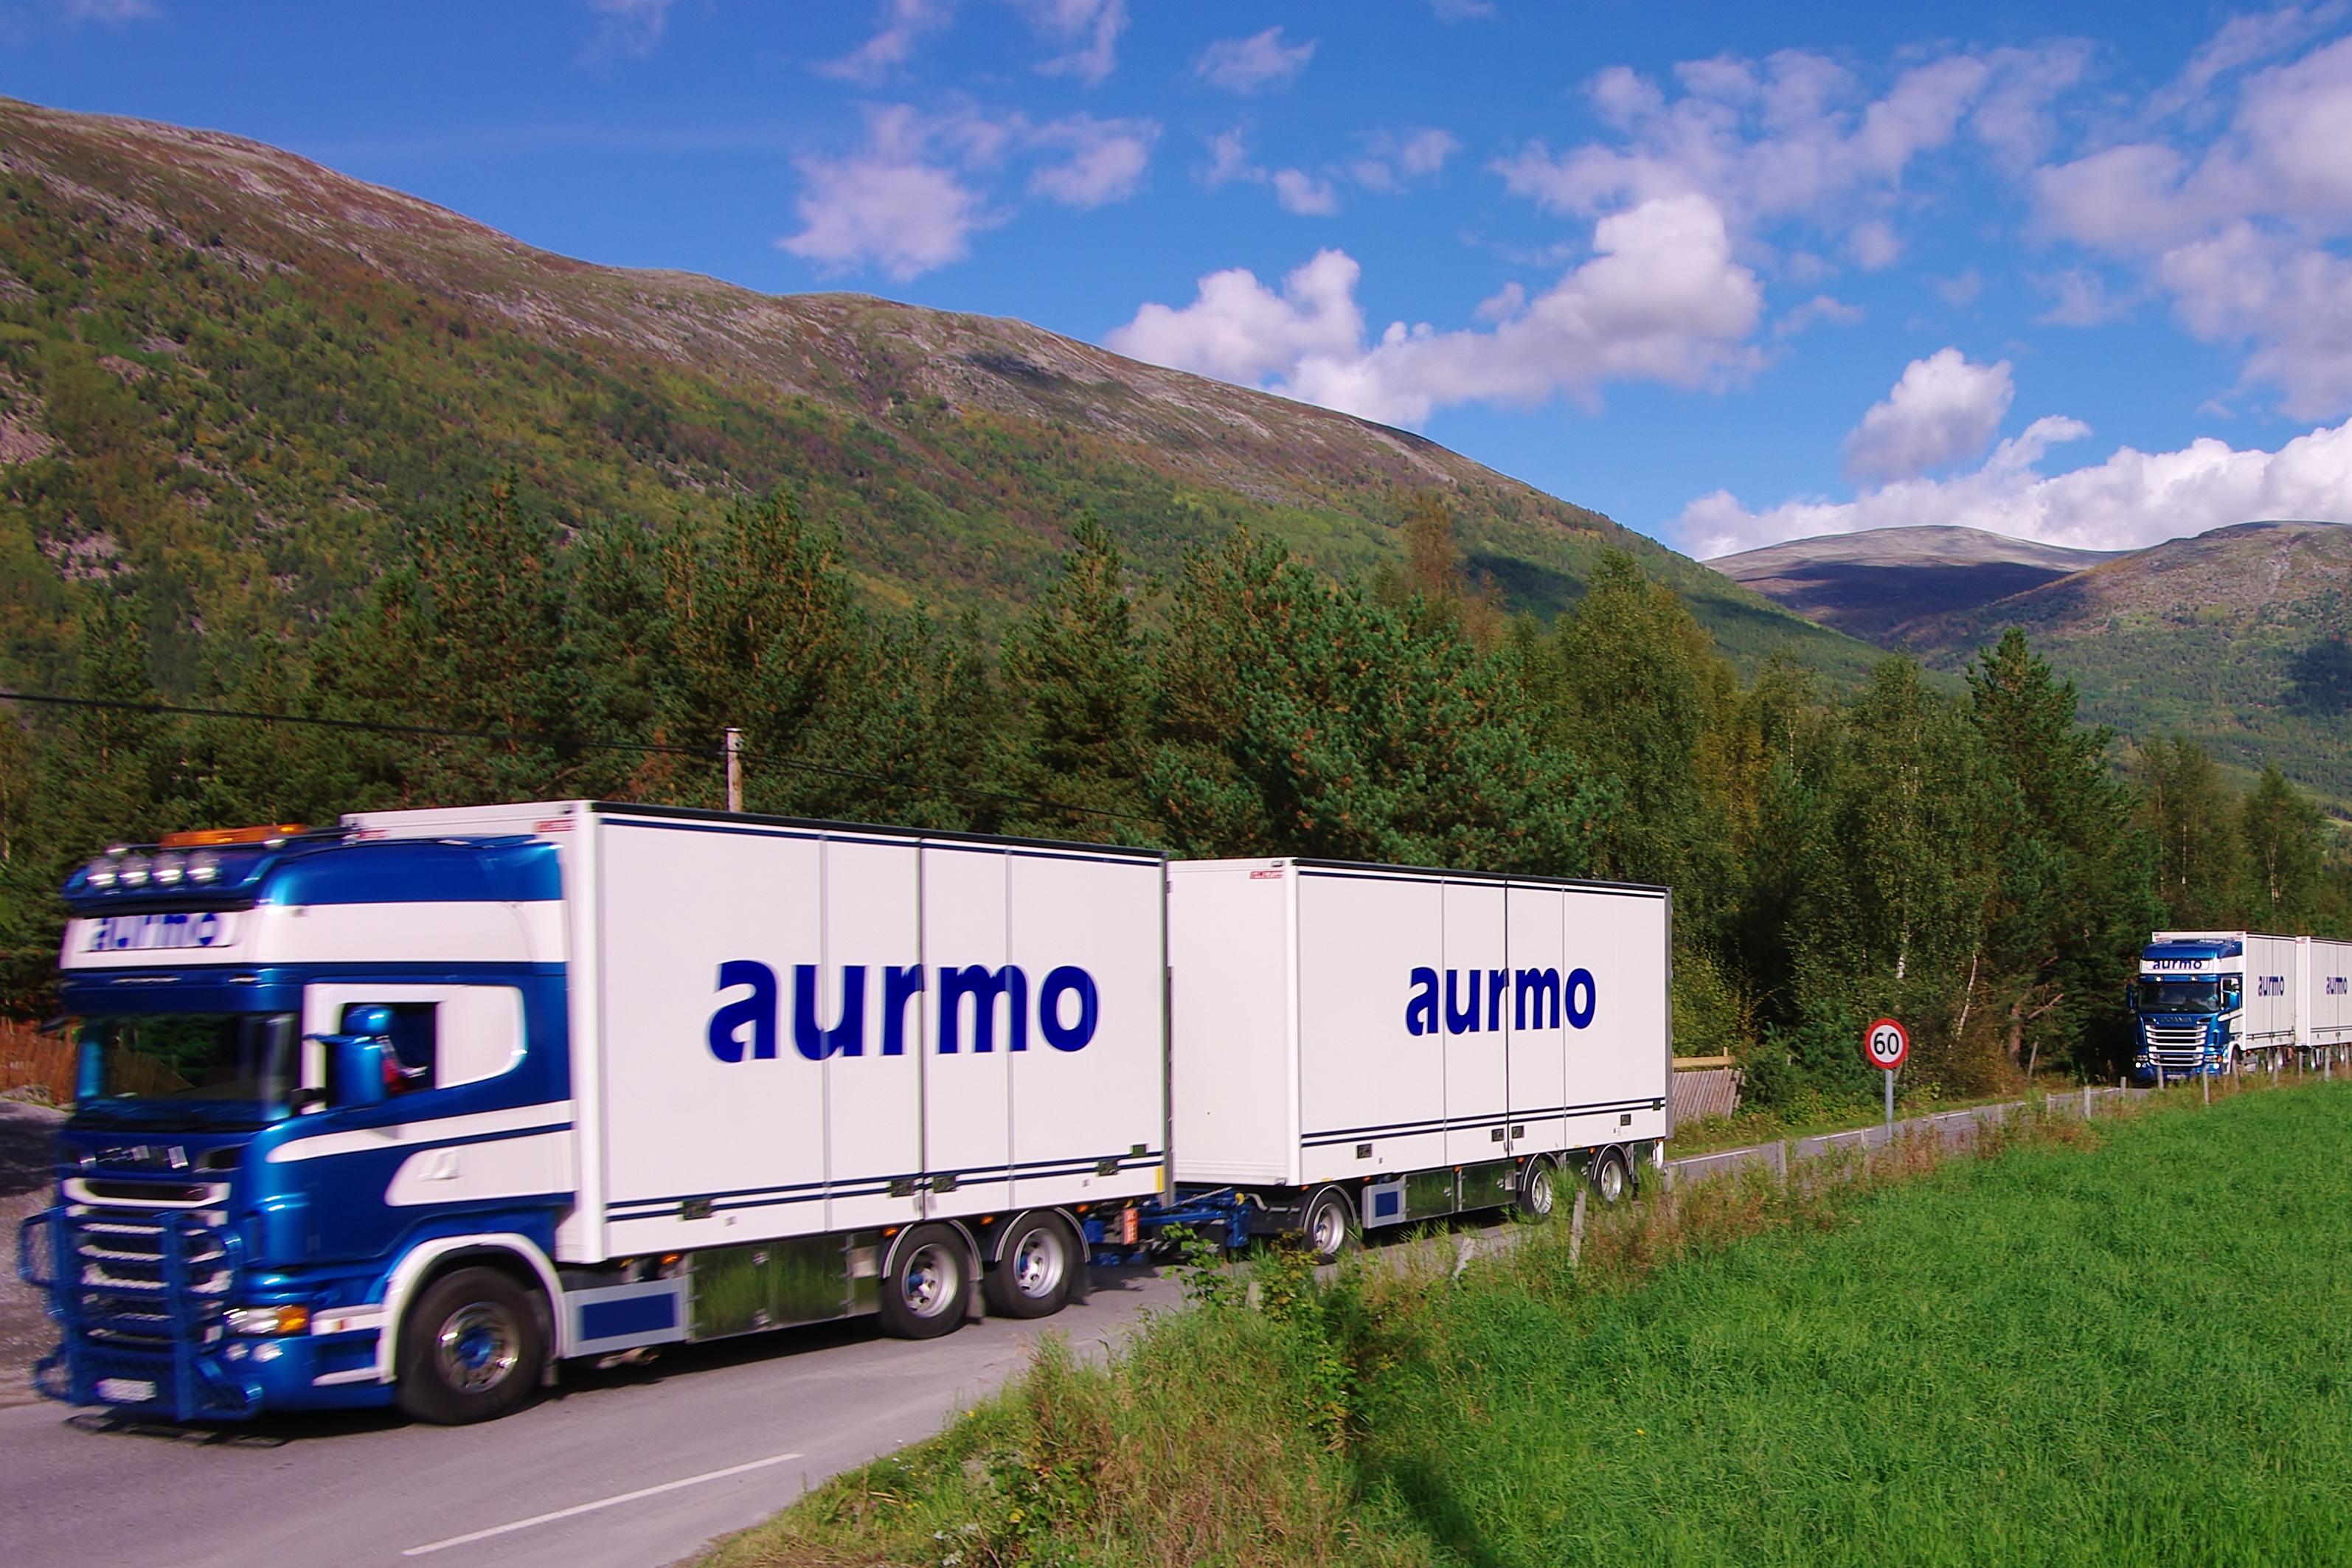 Bilde av transportfirmaet Aurmo Transport sine biler som kjører på en norsk vei.